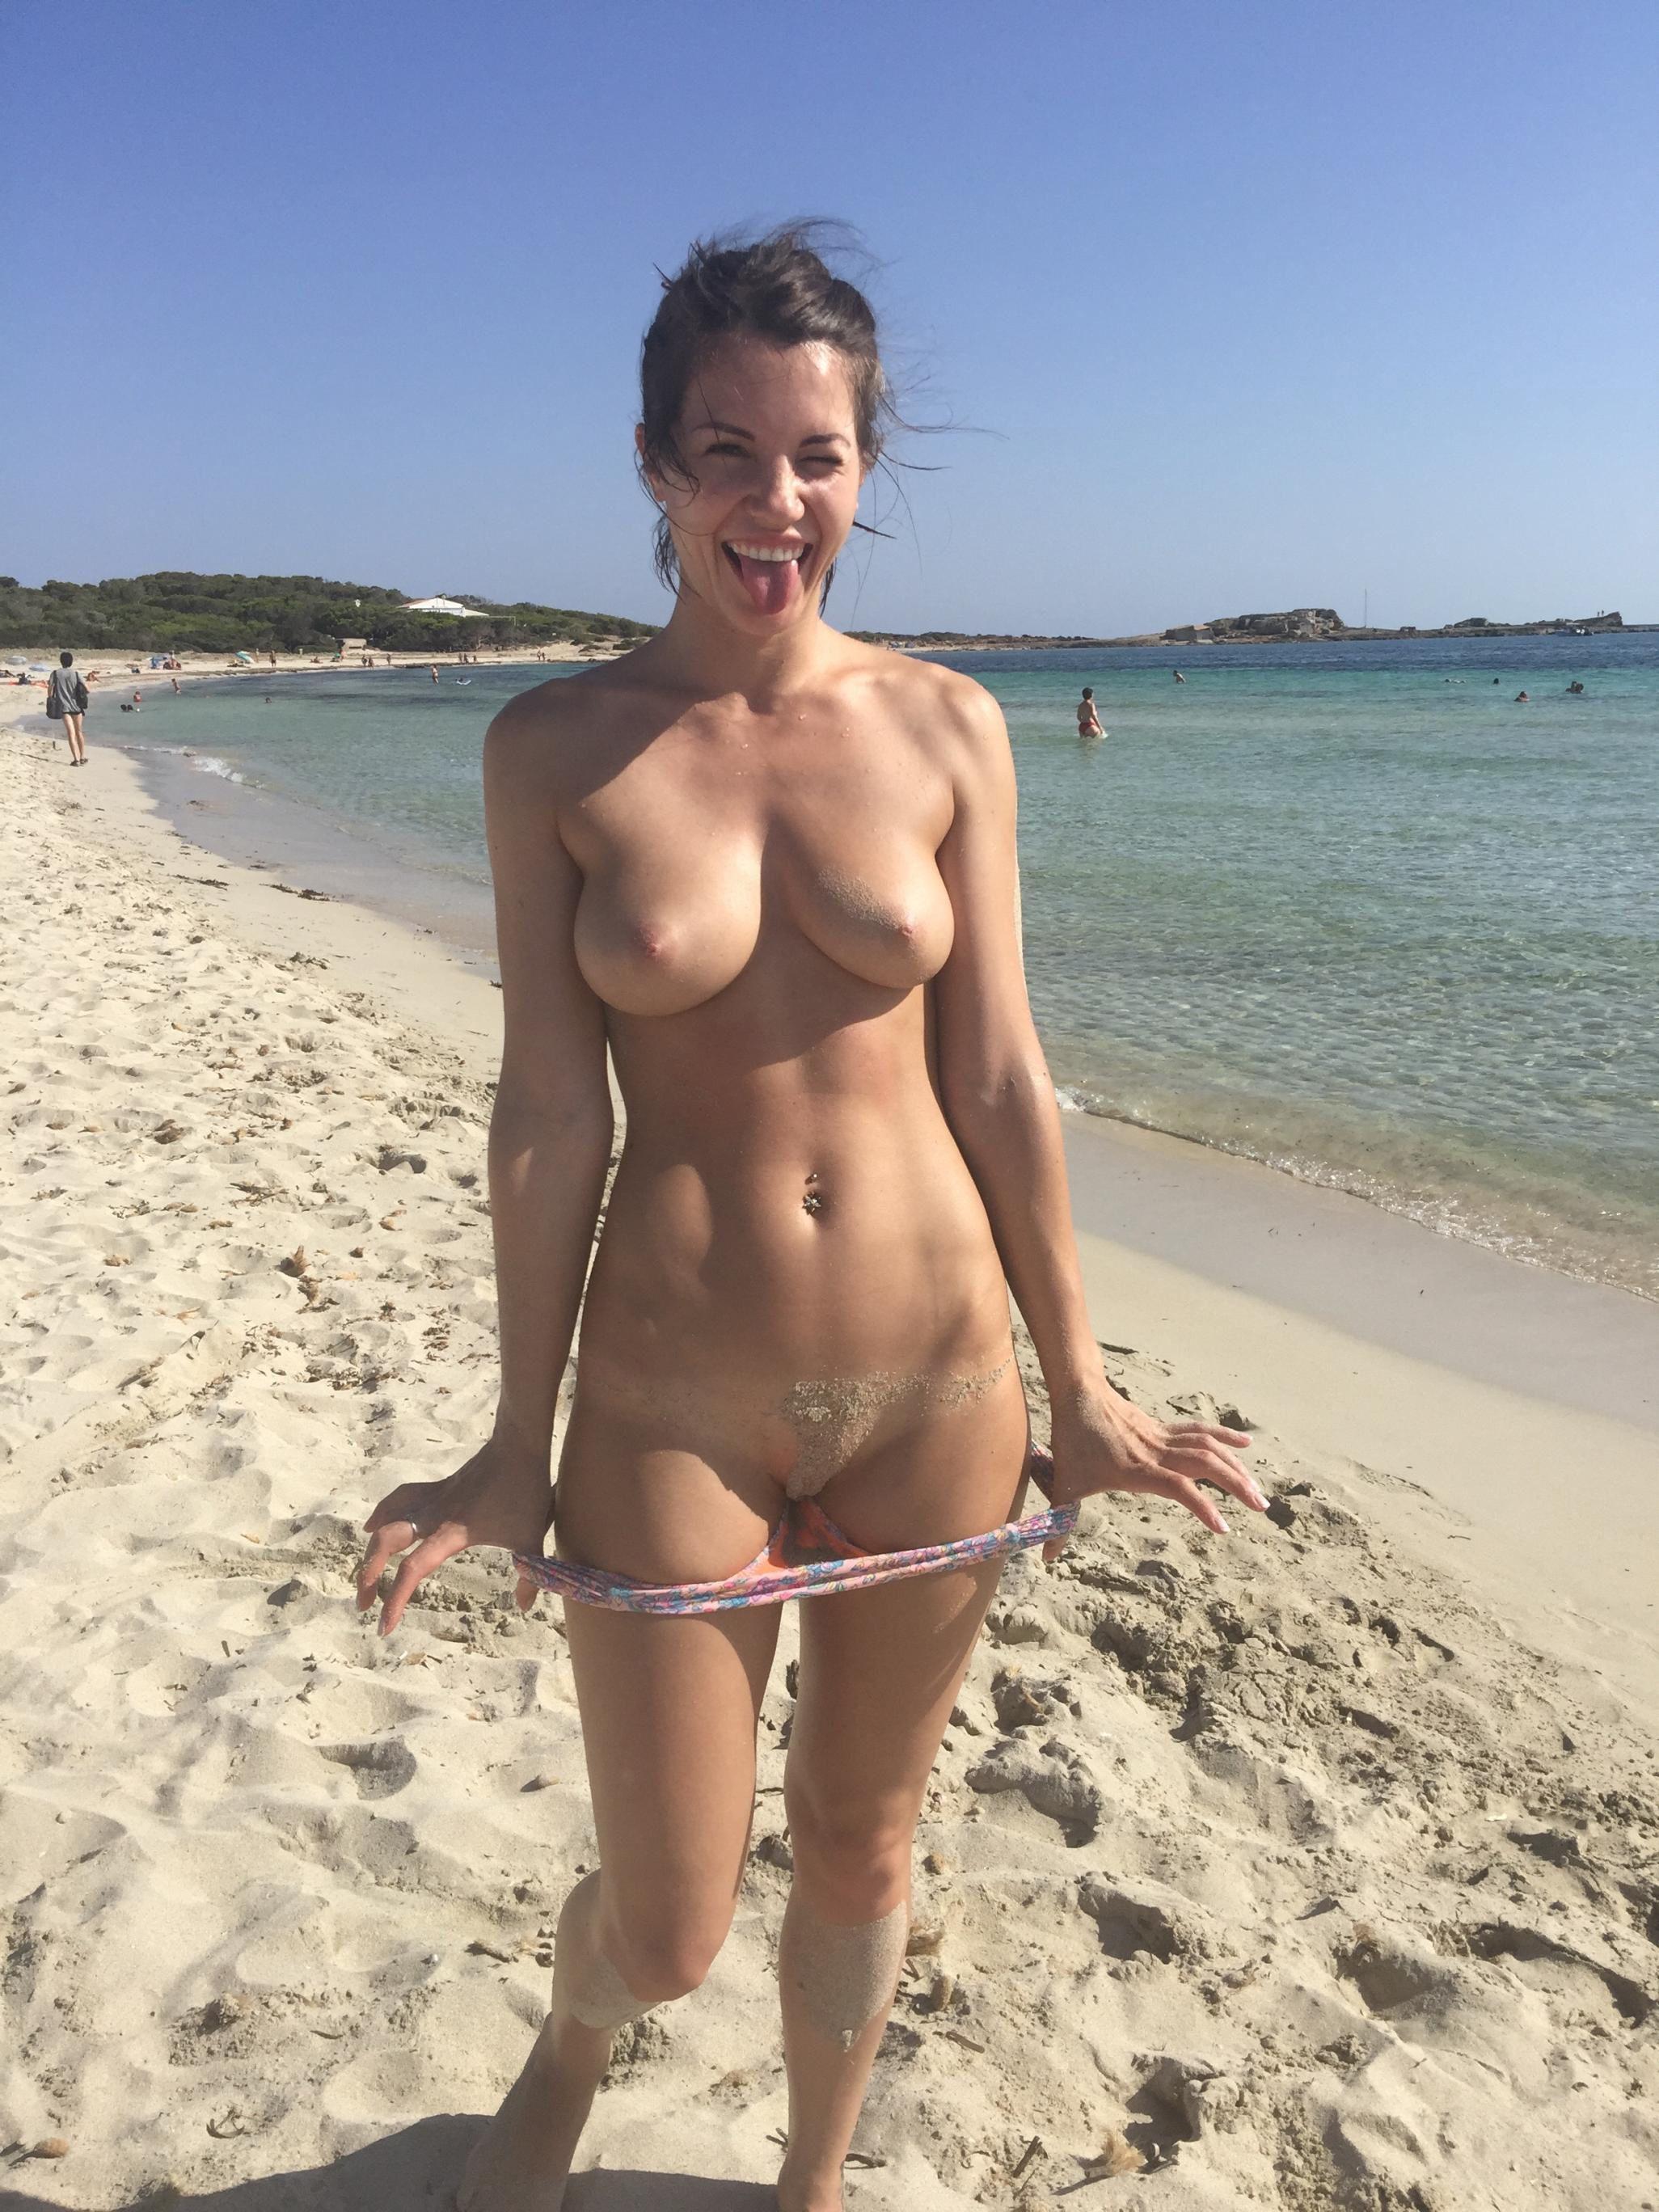 glamour beach Voyeur